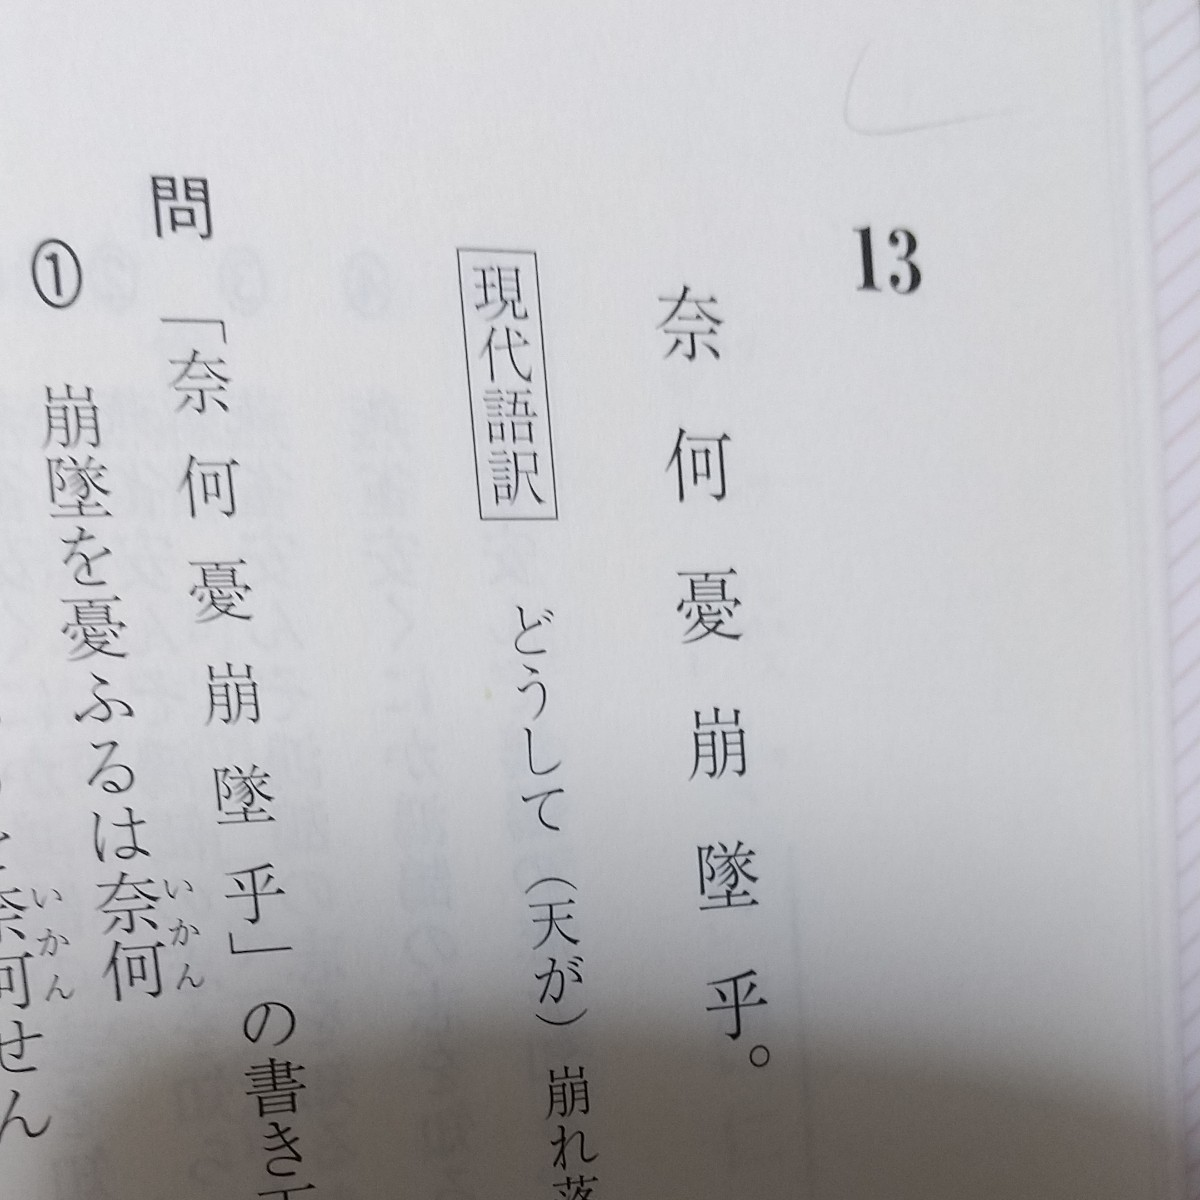 問題集 マーク式基礎問題集 漢文 河合塾 美品